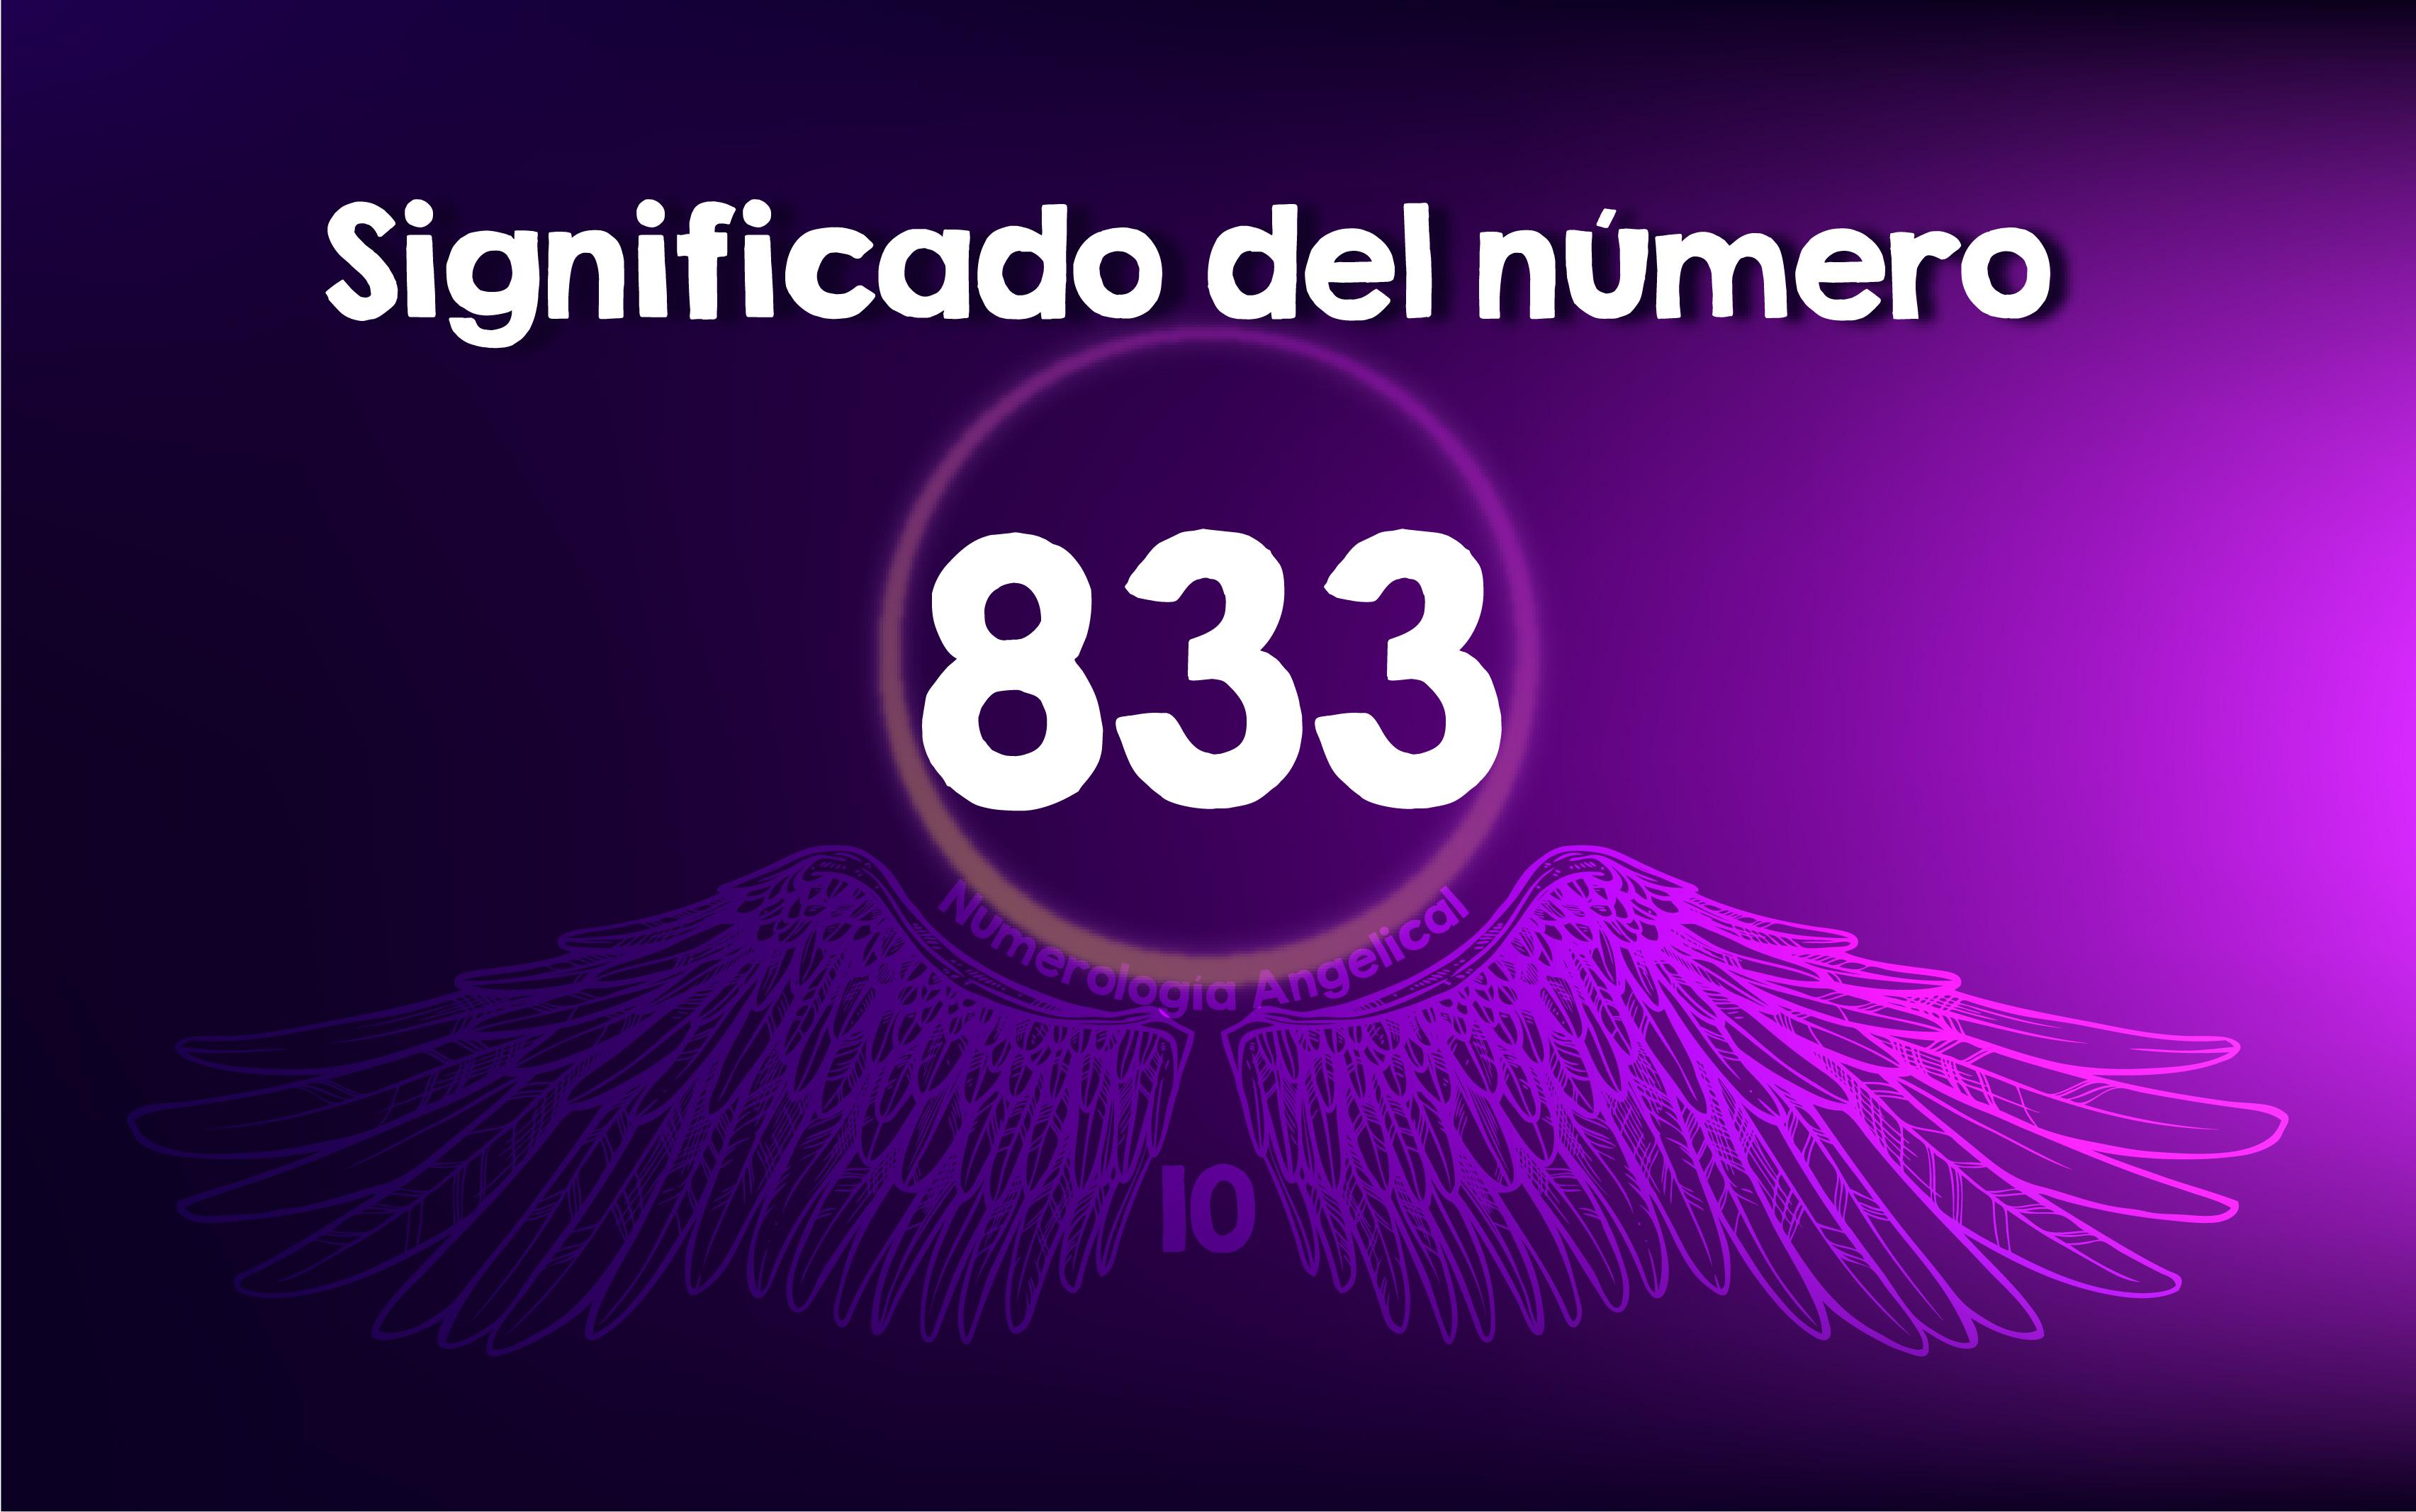 Significado del número 833